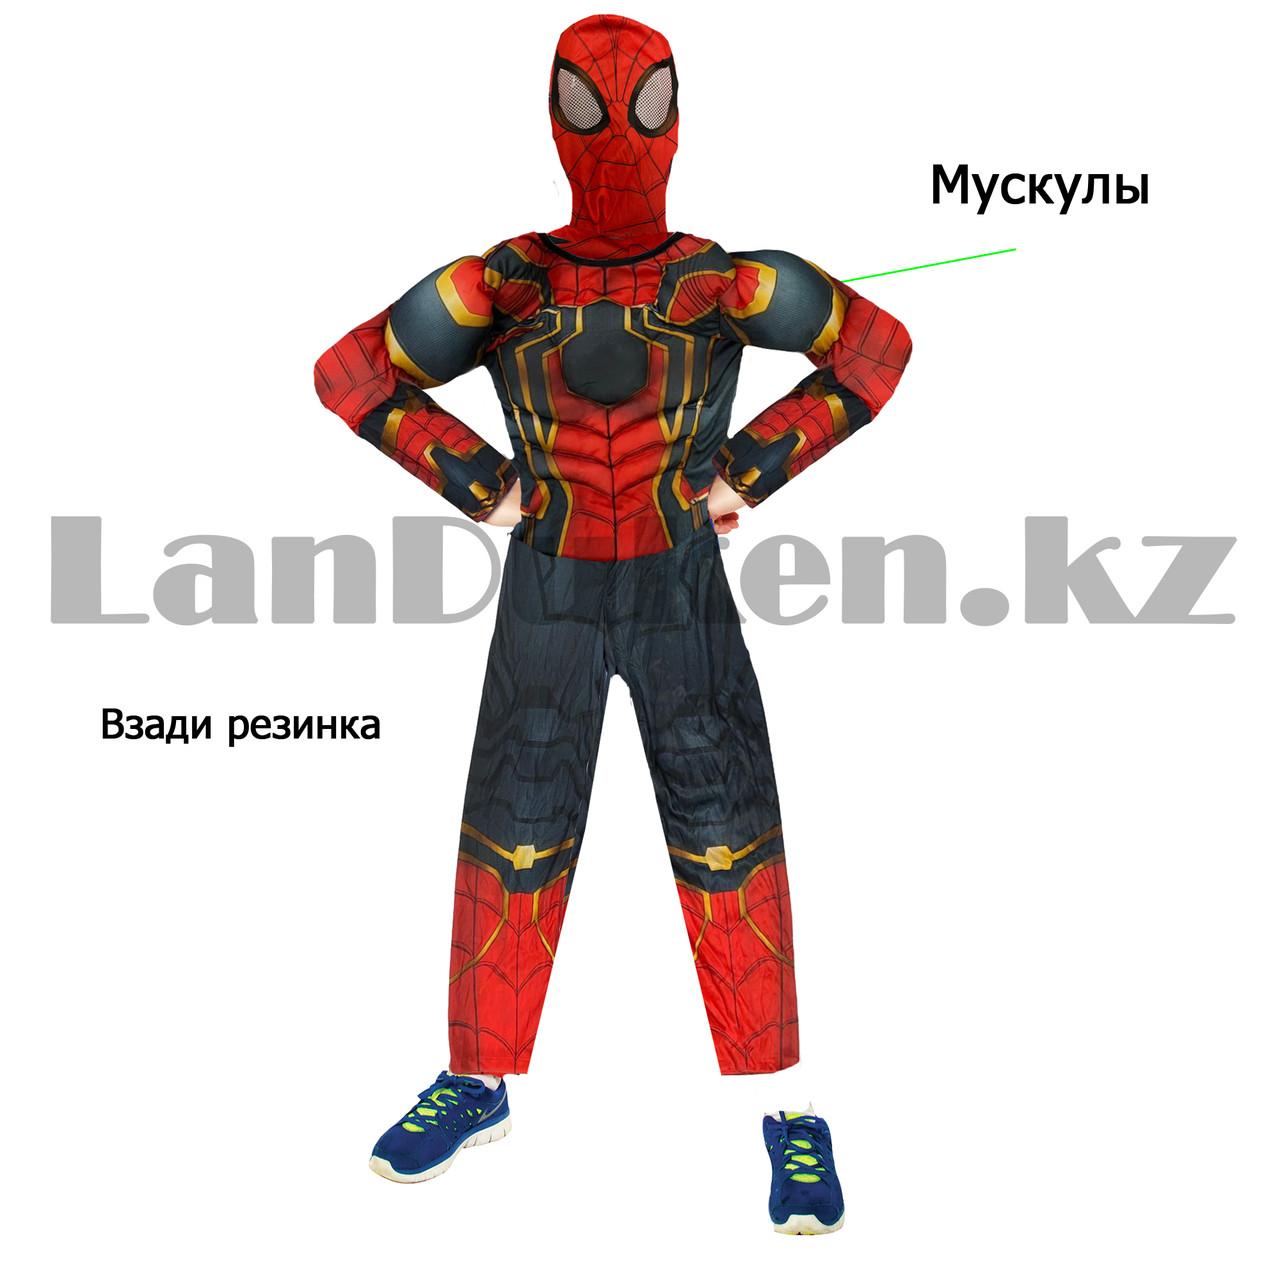 Костюм детский карнавальный цельный для мальчиков Человек Паук с мускулами - фото 9